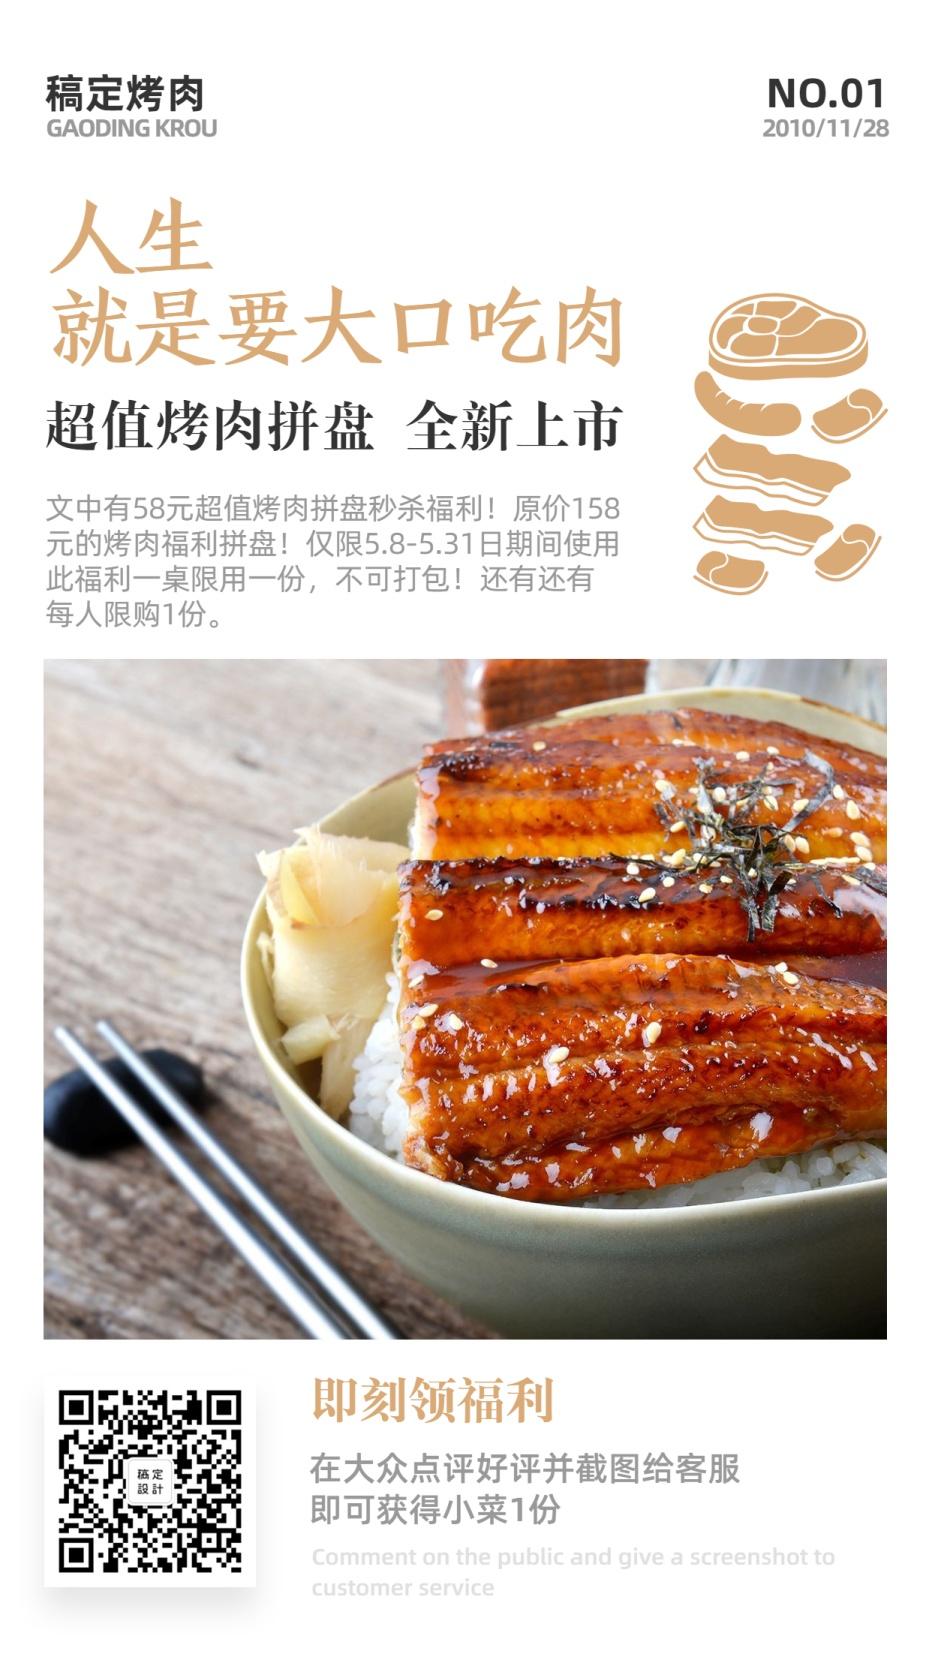 餐饮美食/烤肉上新促销/简约文艺/手机海报